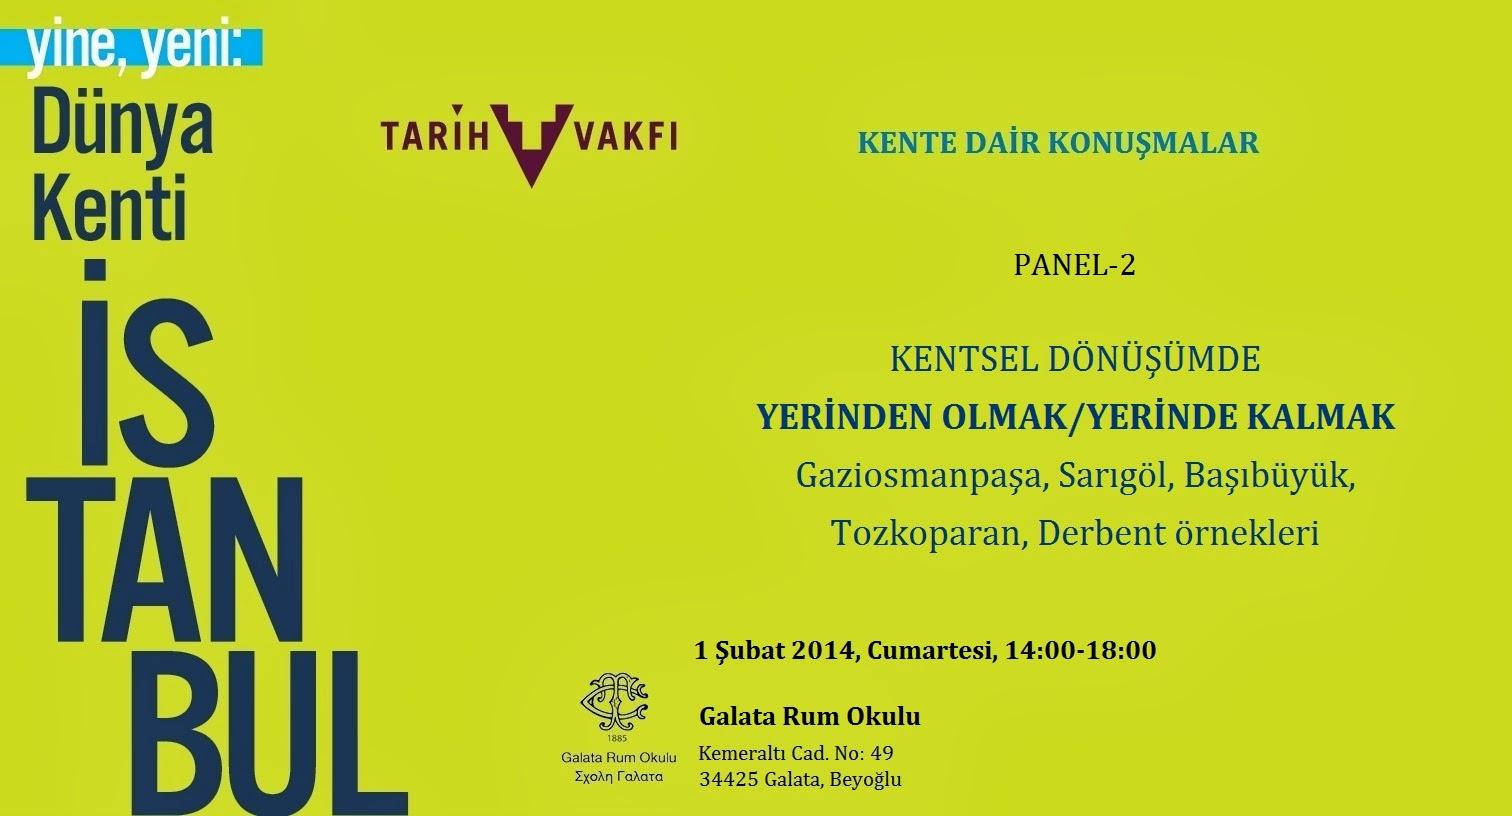 """Tarih Vakfı'nın düzenlediği """"Yine Yeni Dünya Kenti İstanbul"""" Panelindeydik"""